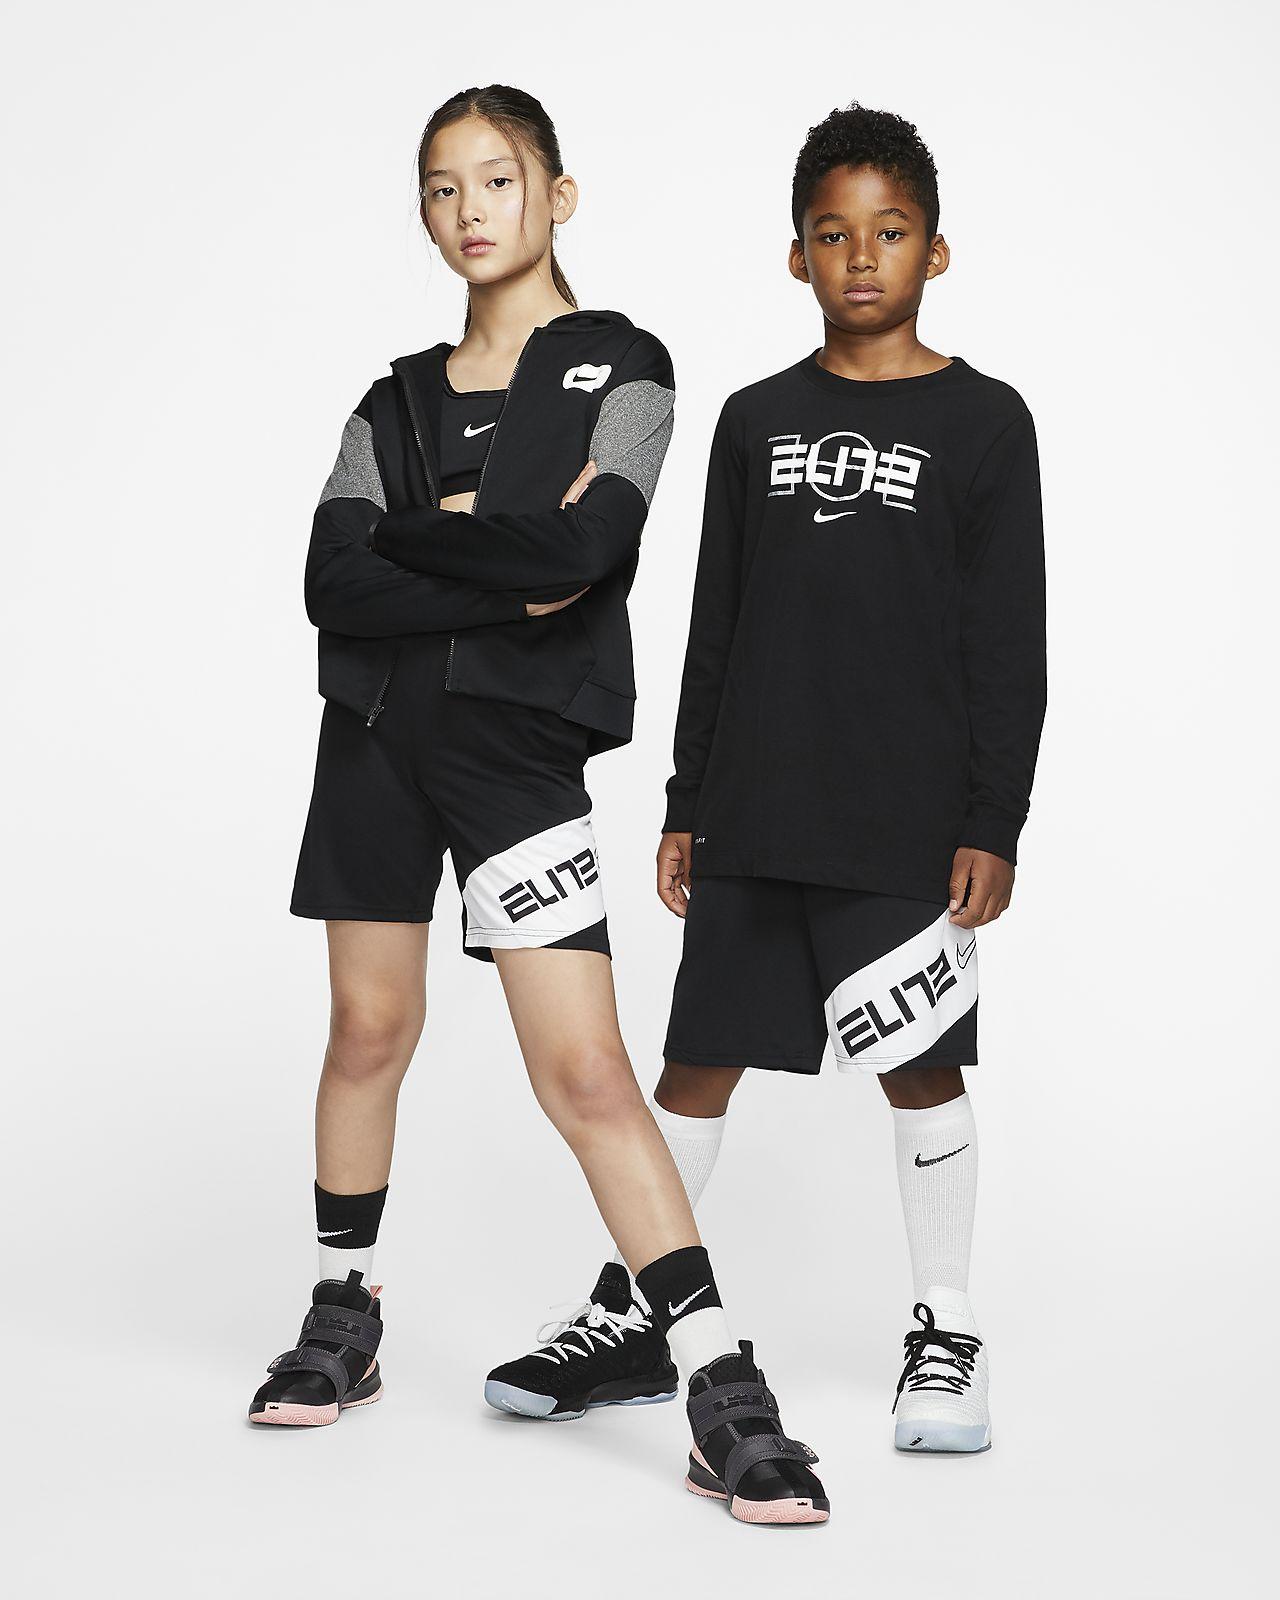 Nike Elite Pantalons curts estampats de bàsquet - Nen/a